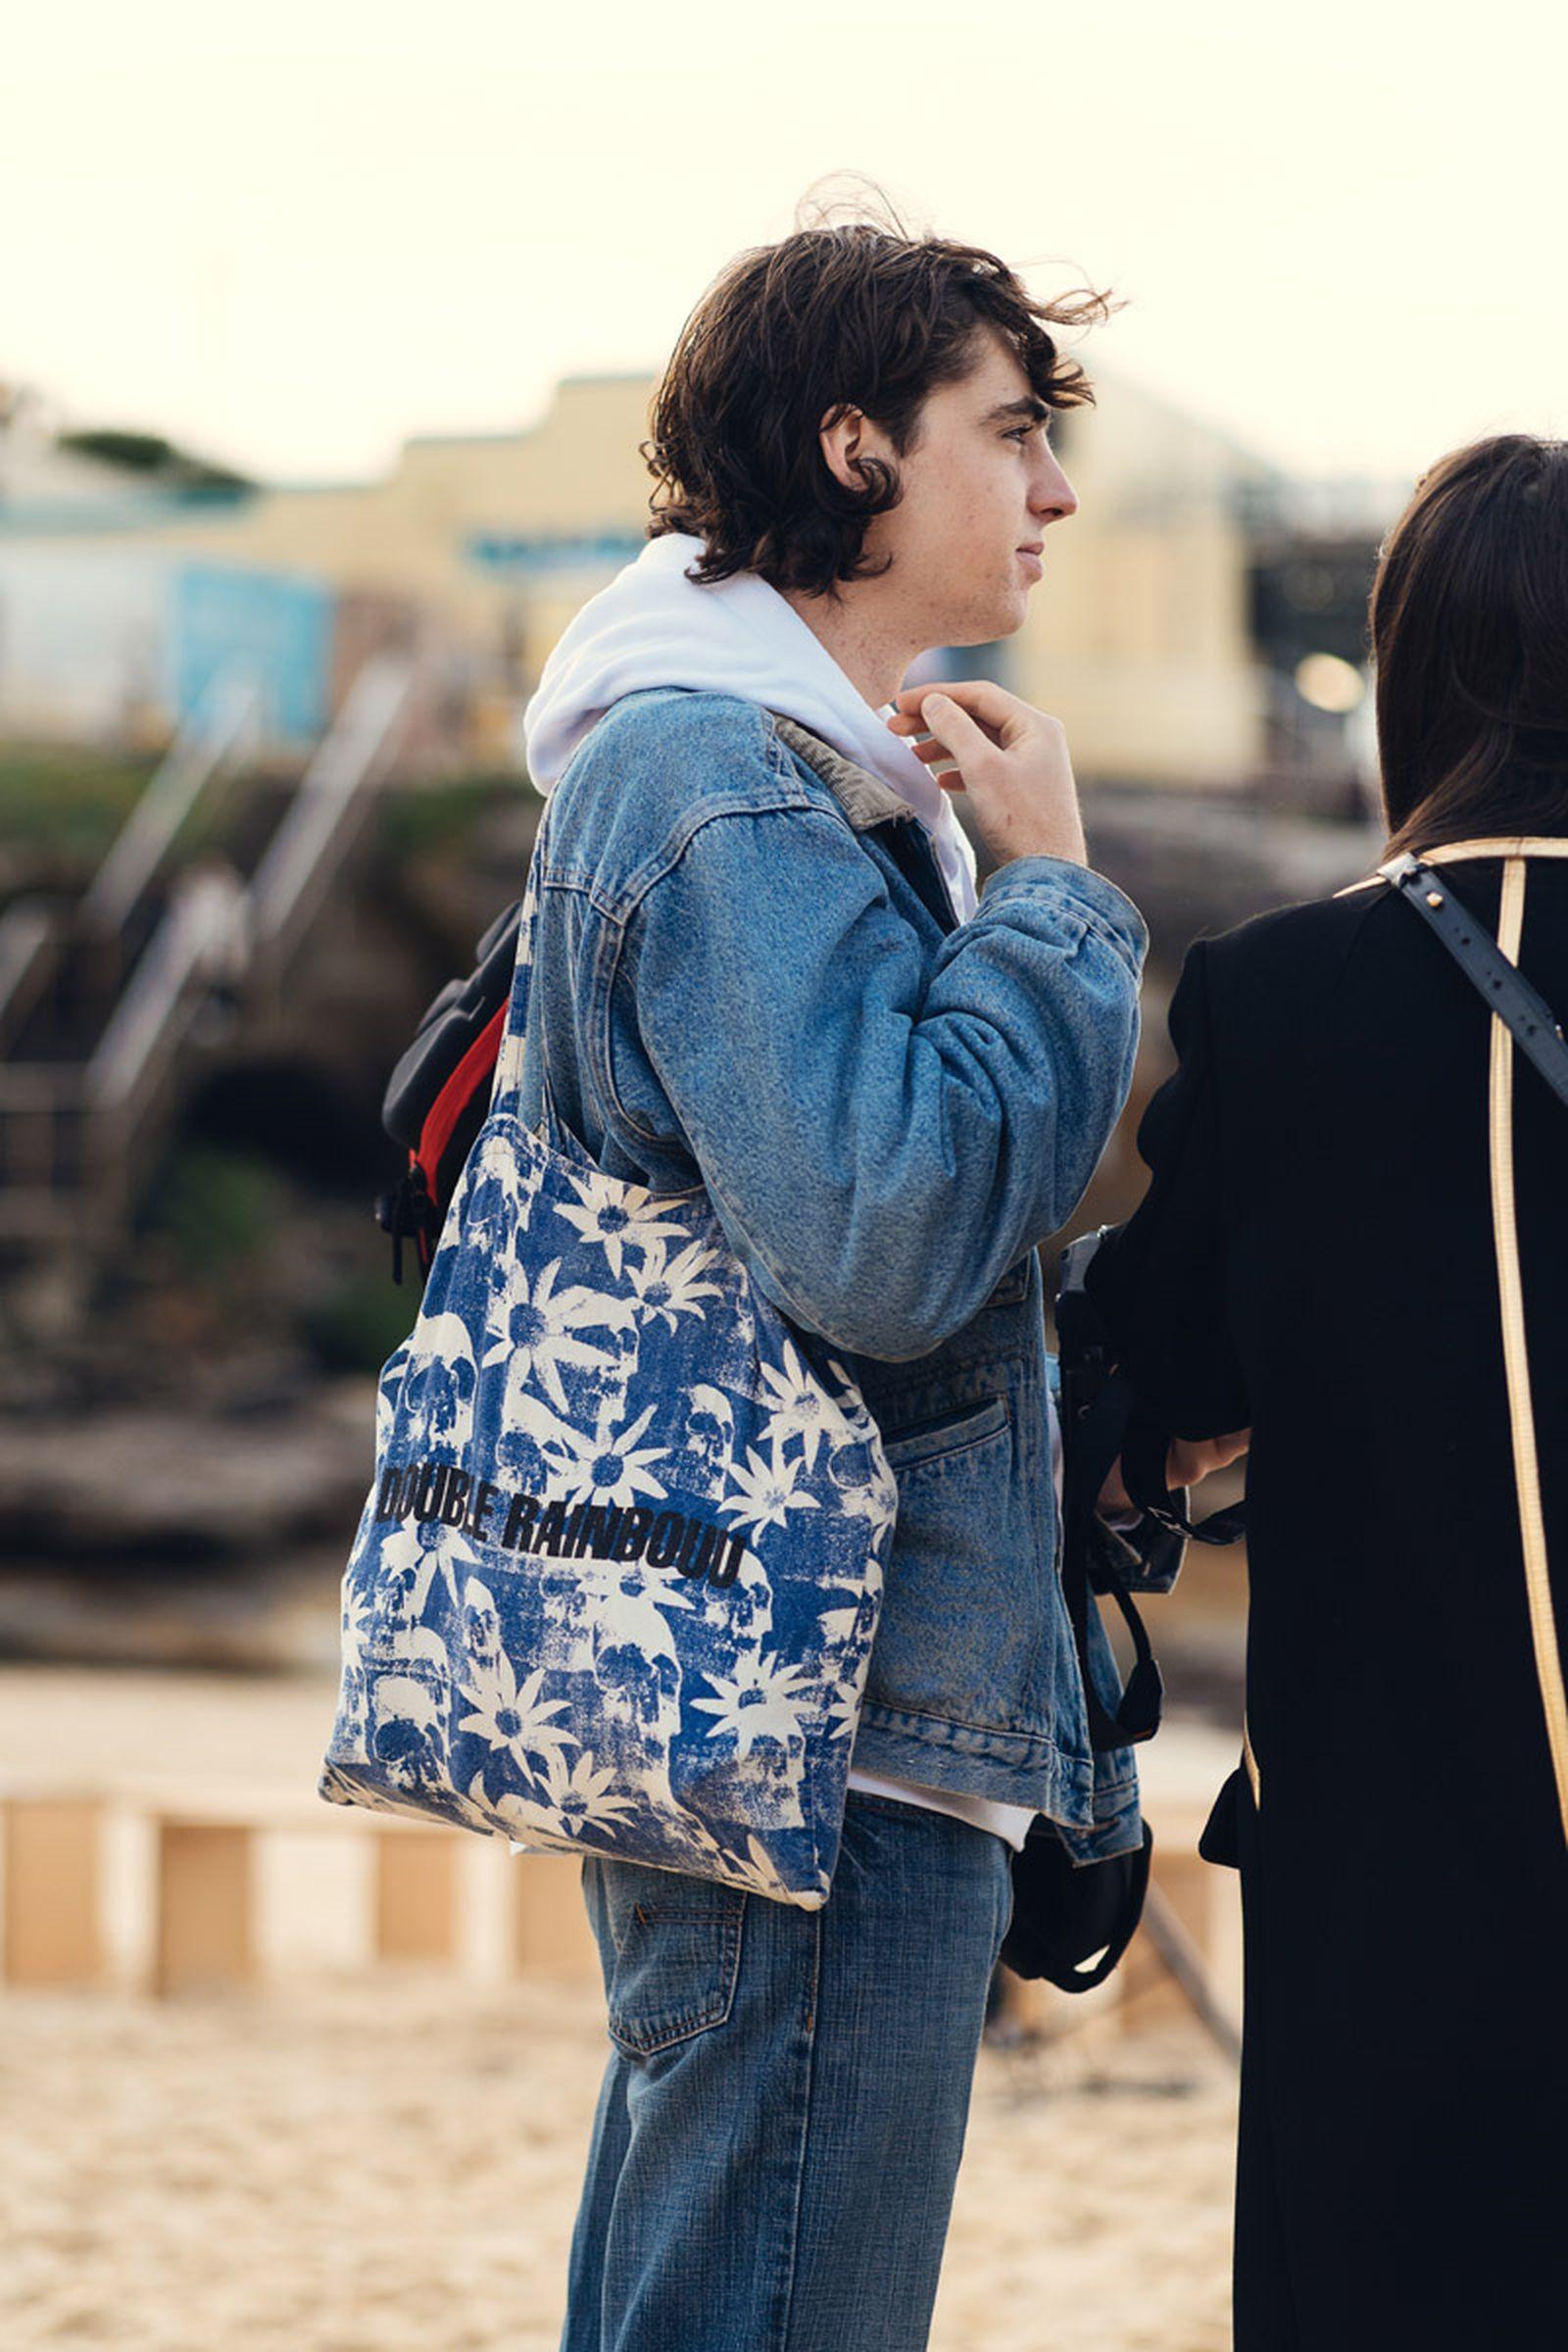 australian-fashion-week-2021-street-style-11